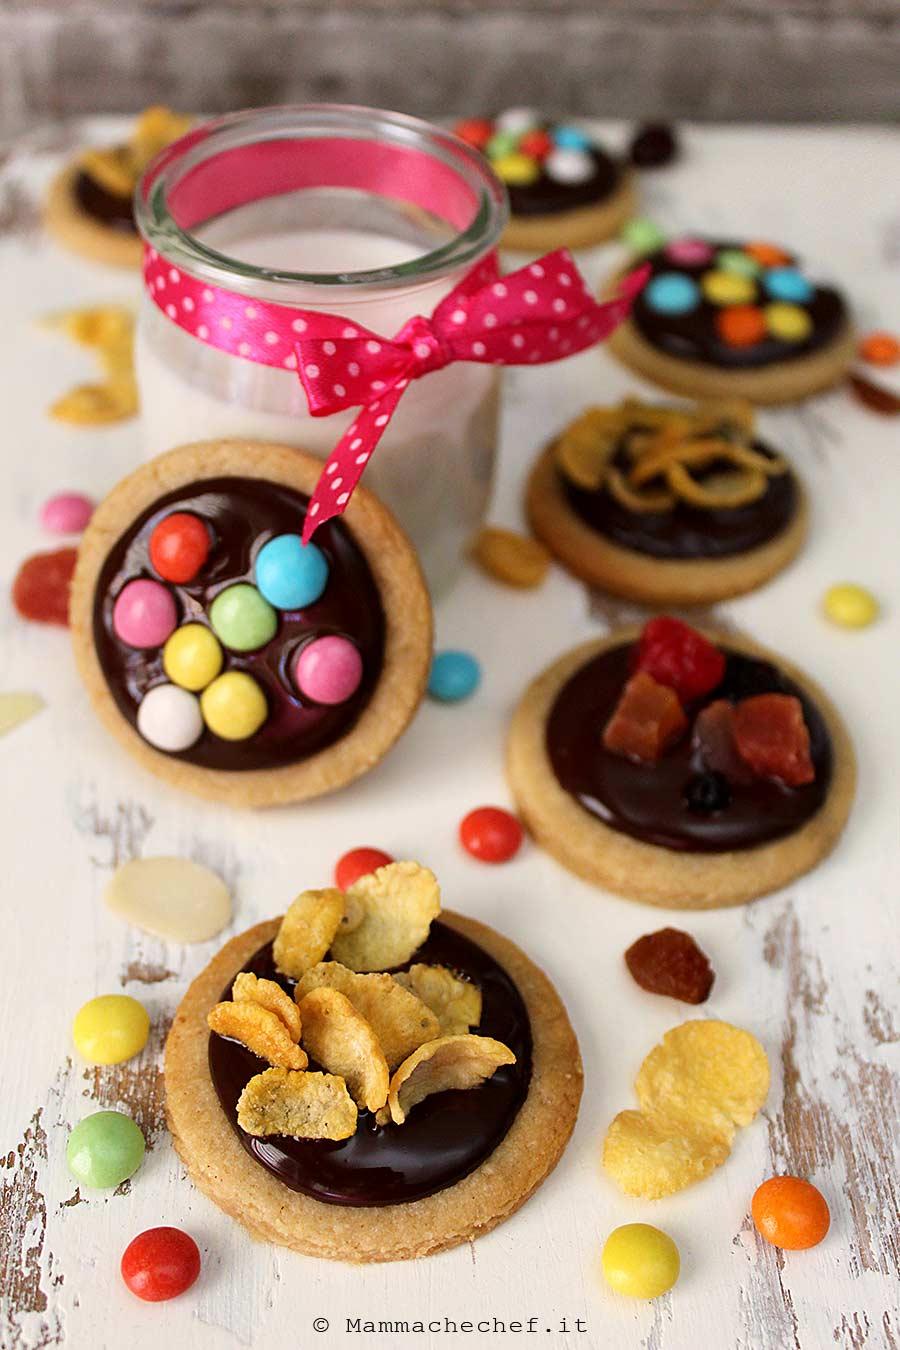 Biscotti di Mena